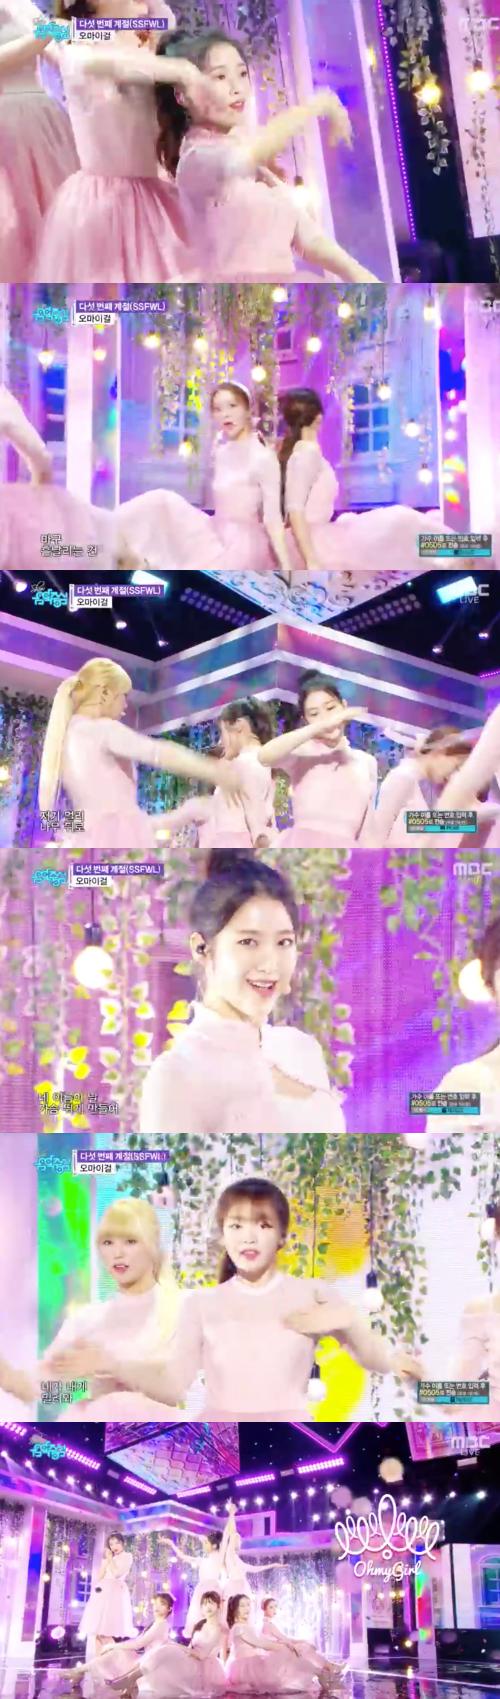 MBC '음악중심' 방송 화면